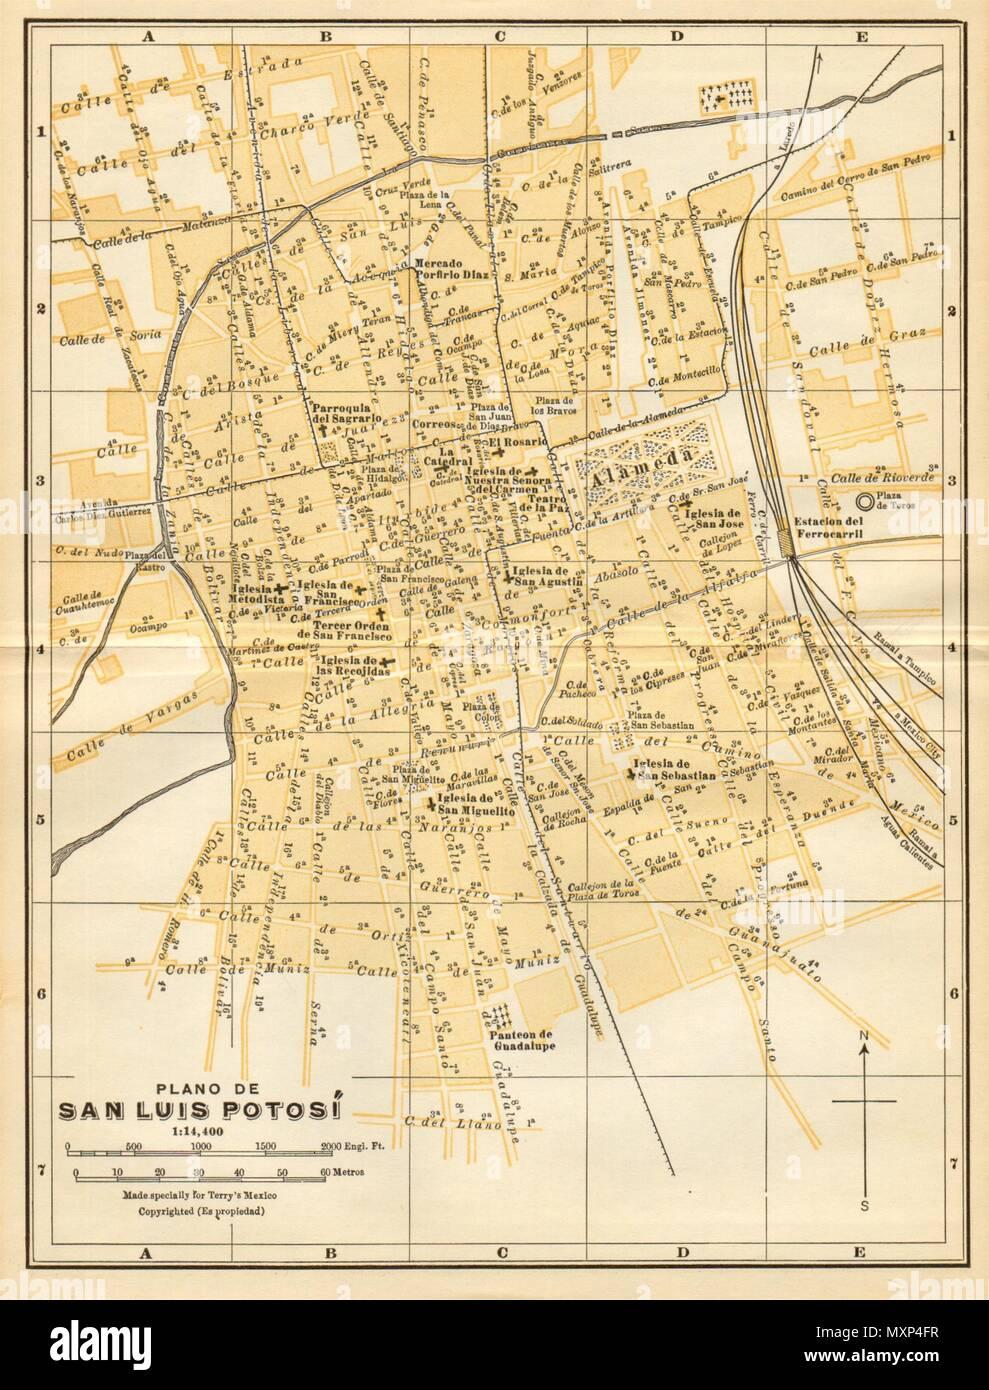 San Luis Potosi Mexico Map Stock Photos San Luis Potosi Mexico Map